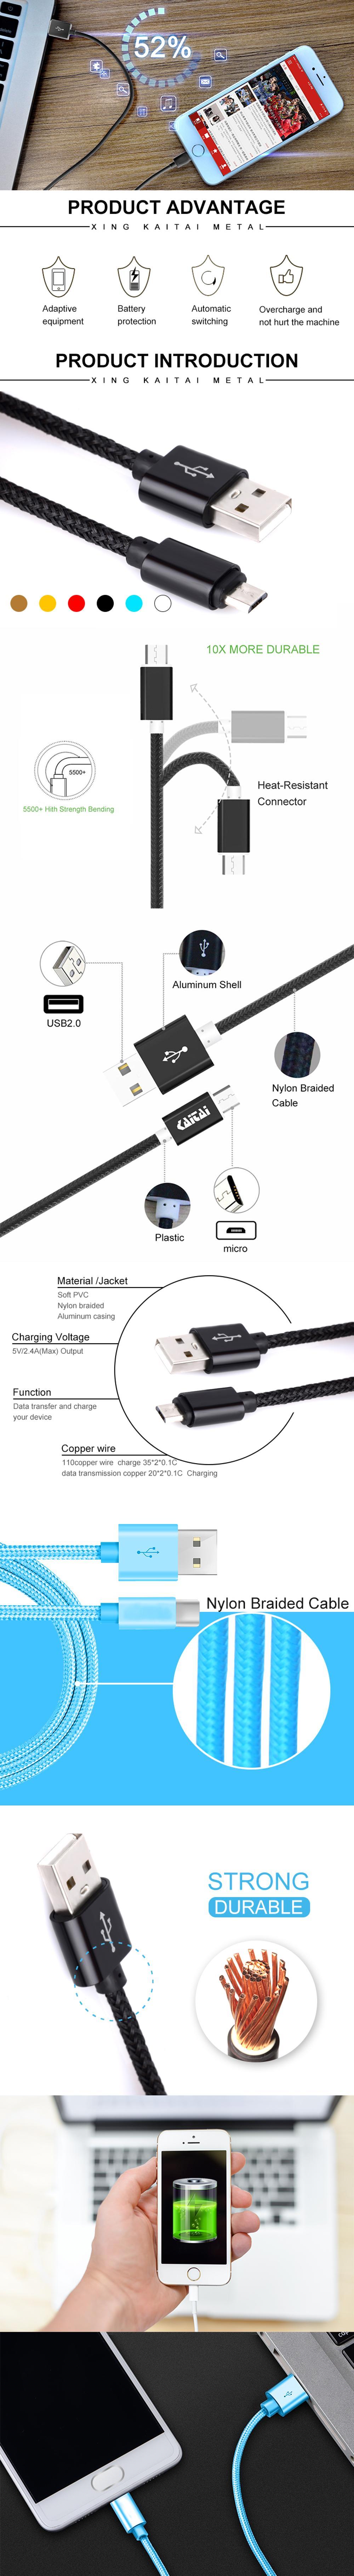 Avril nouveau Double objectif USB câble pour iPhone et Samsung Téléphones Recharge Universelle Câble de Données